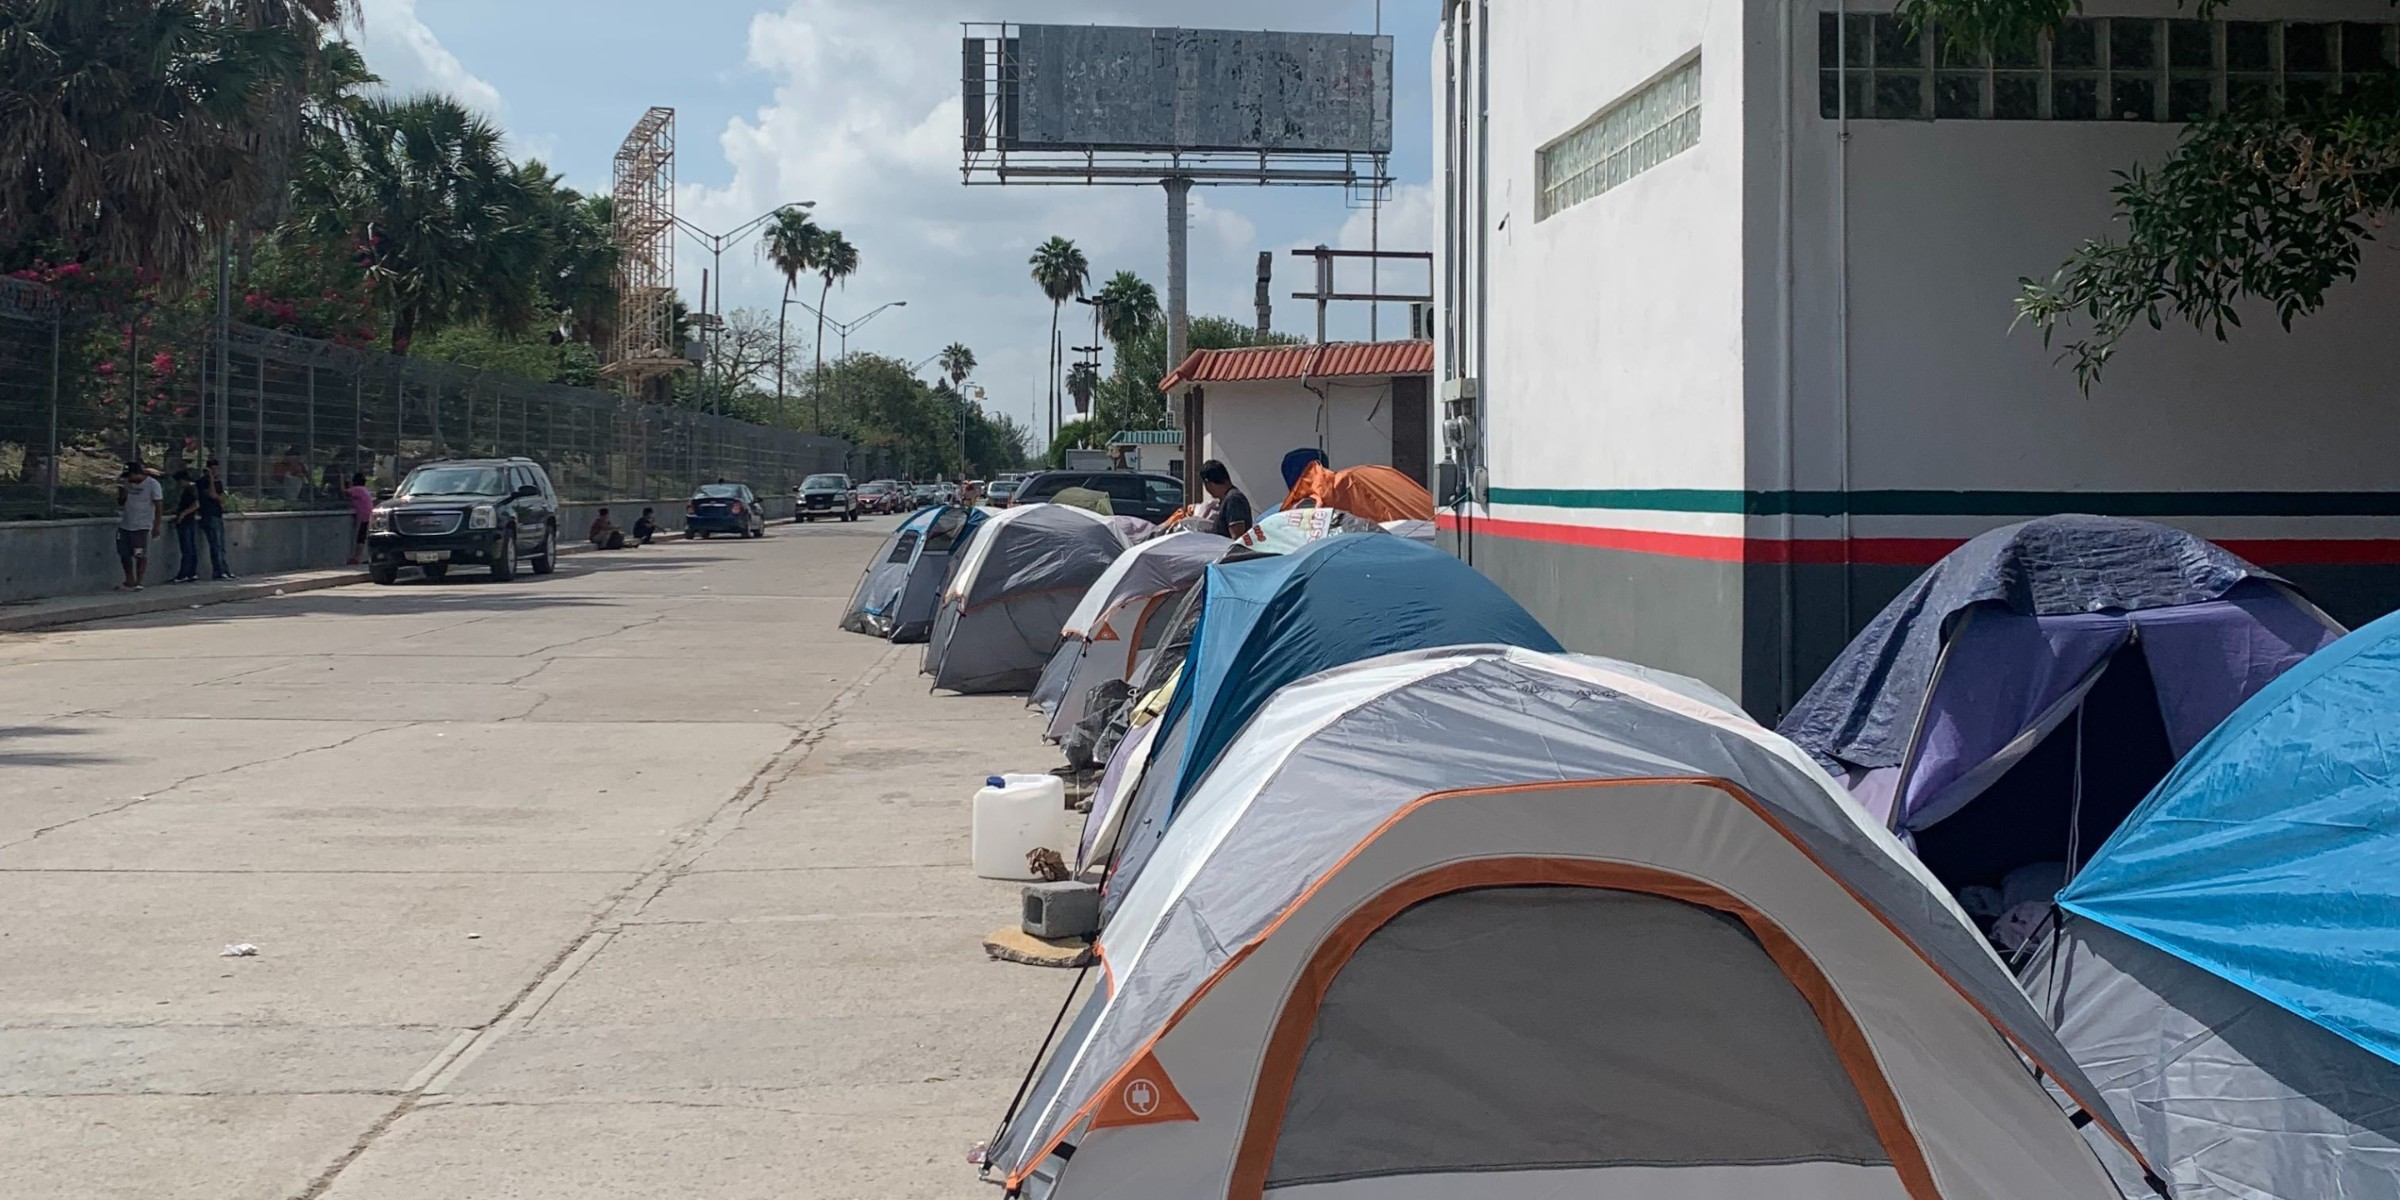 MPP tents